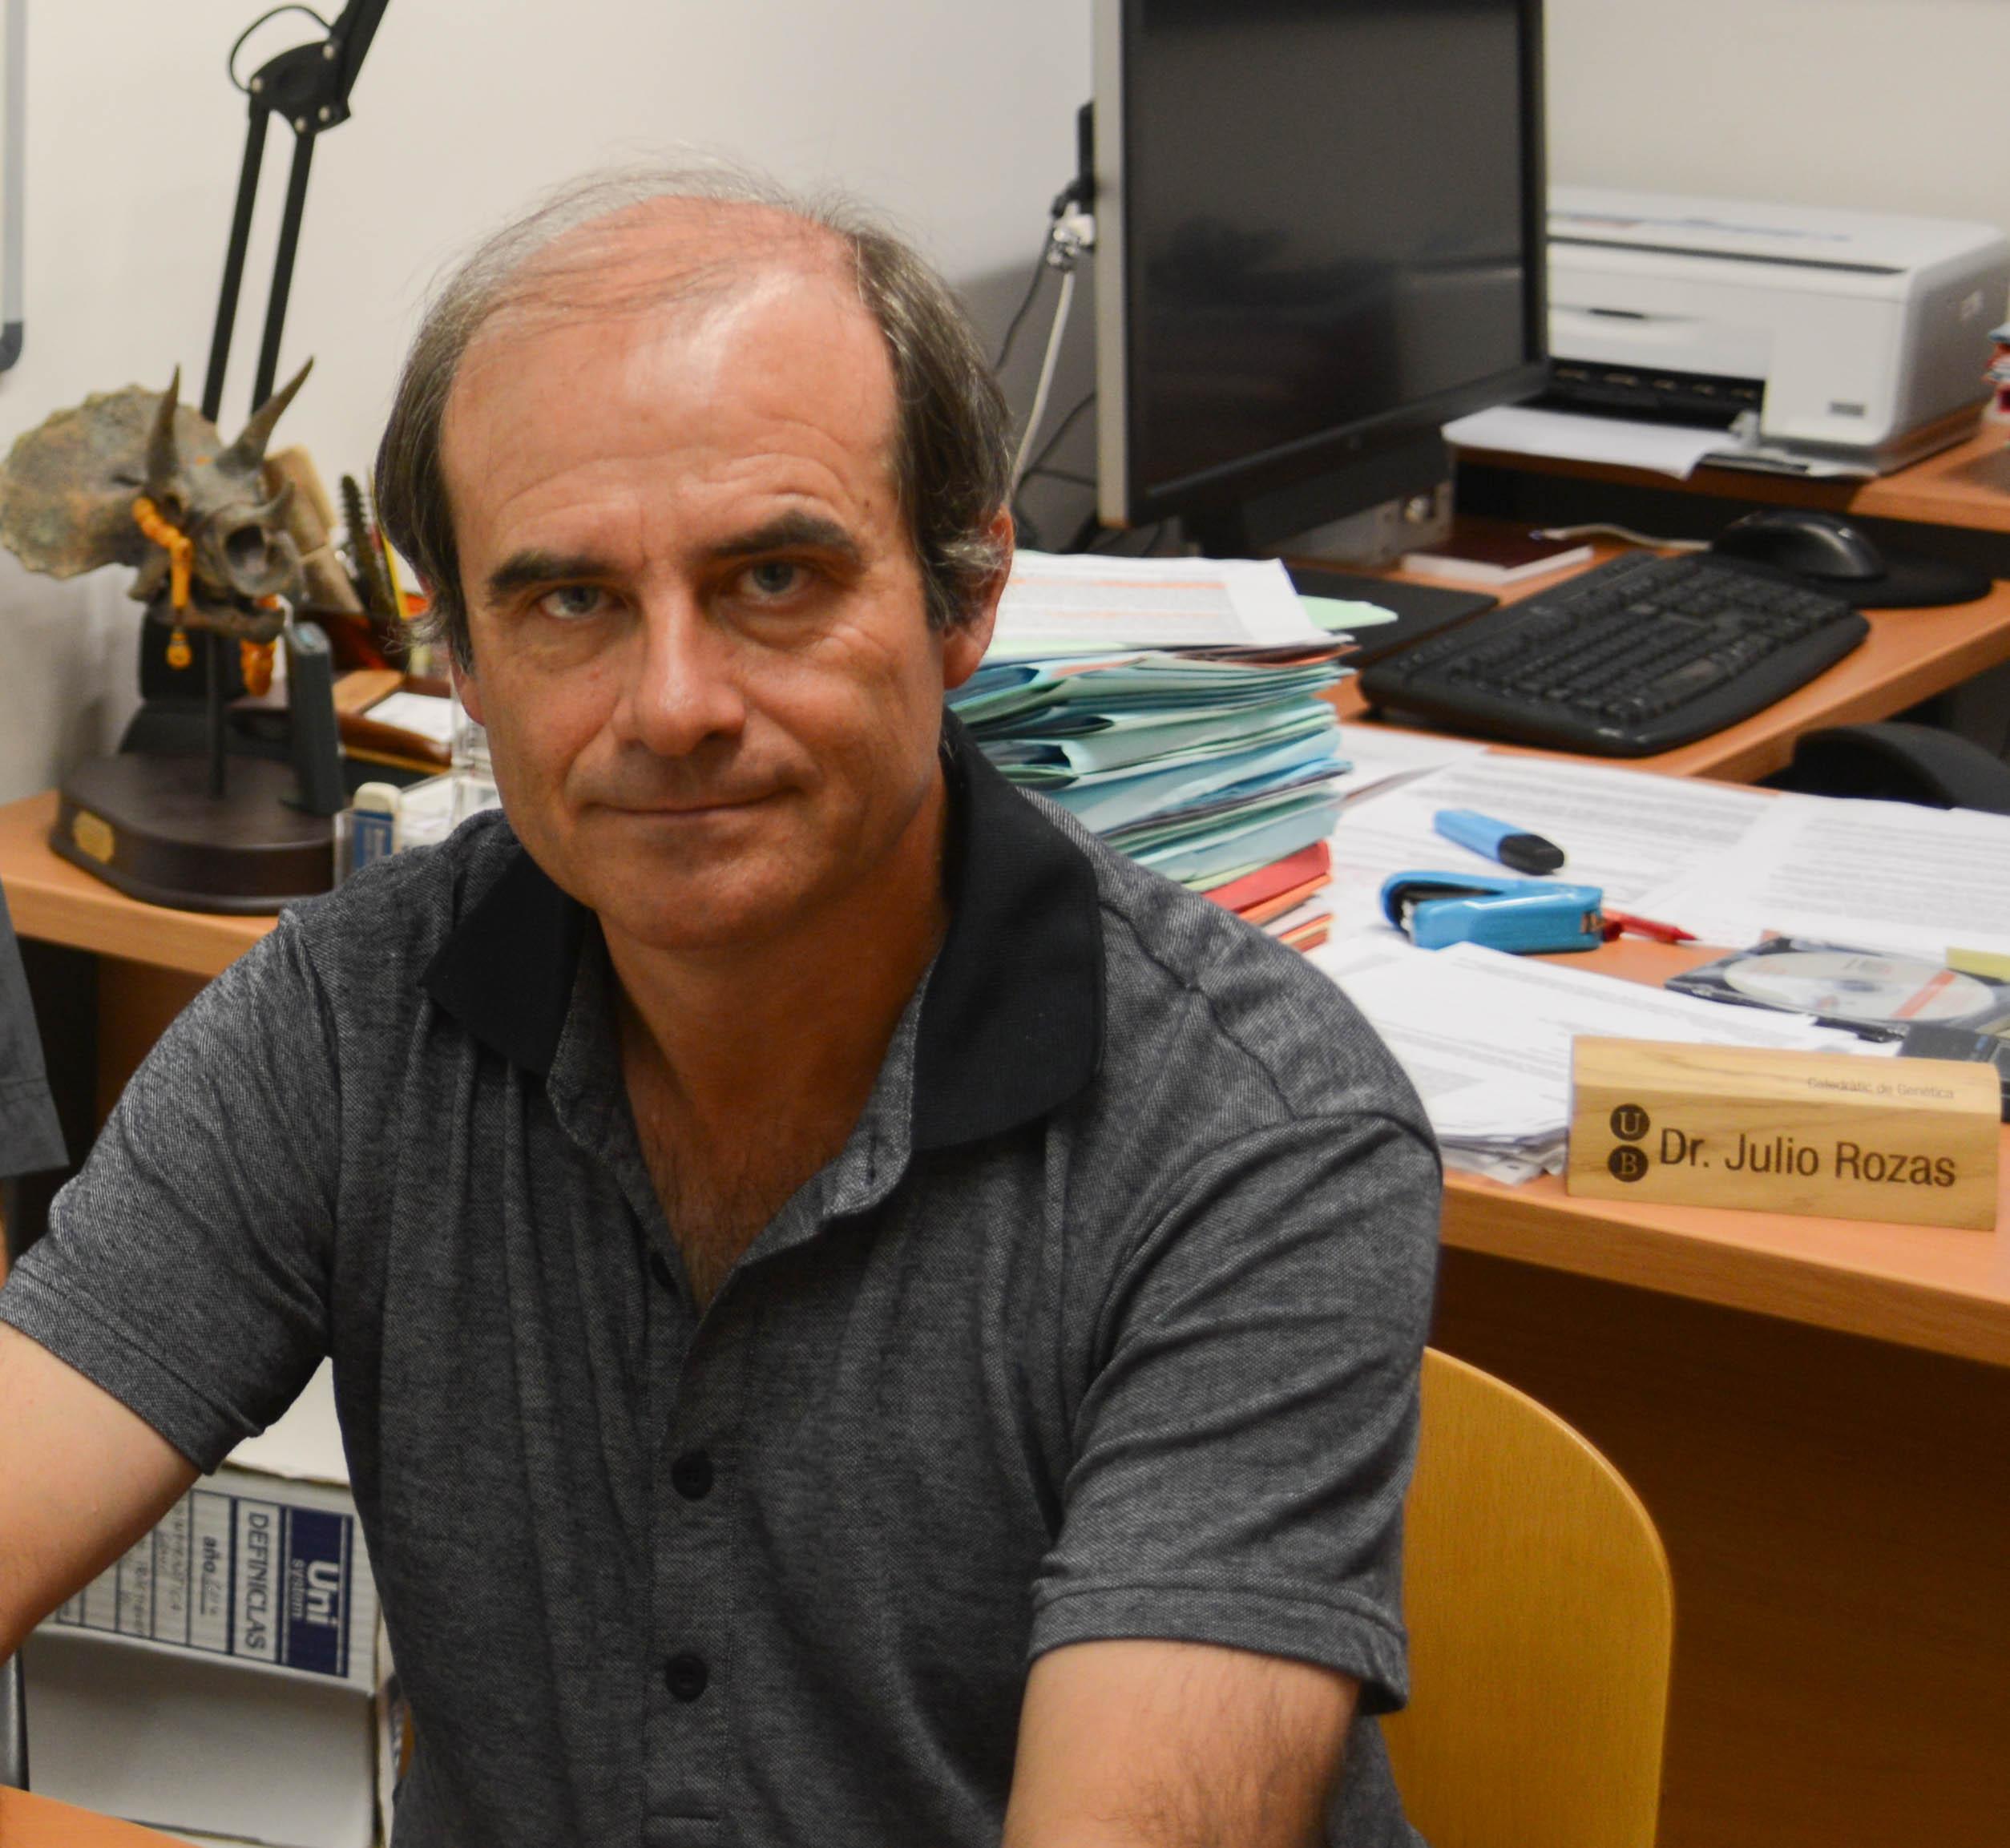 Julio Rozas